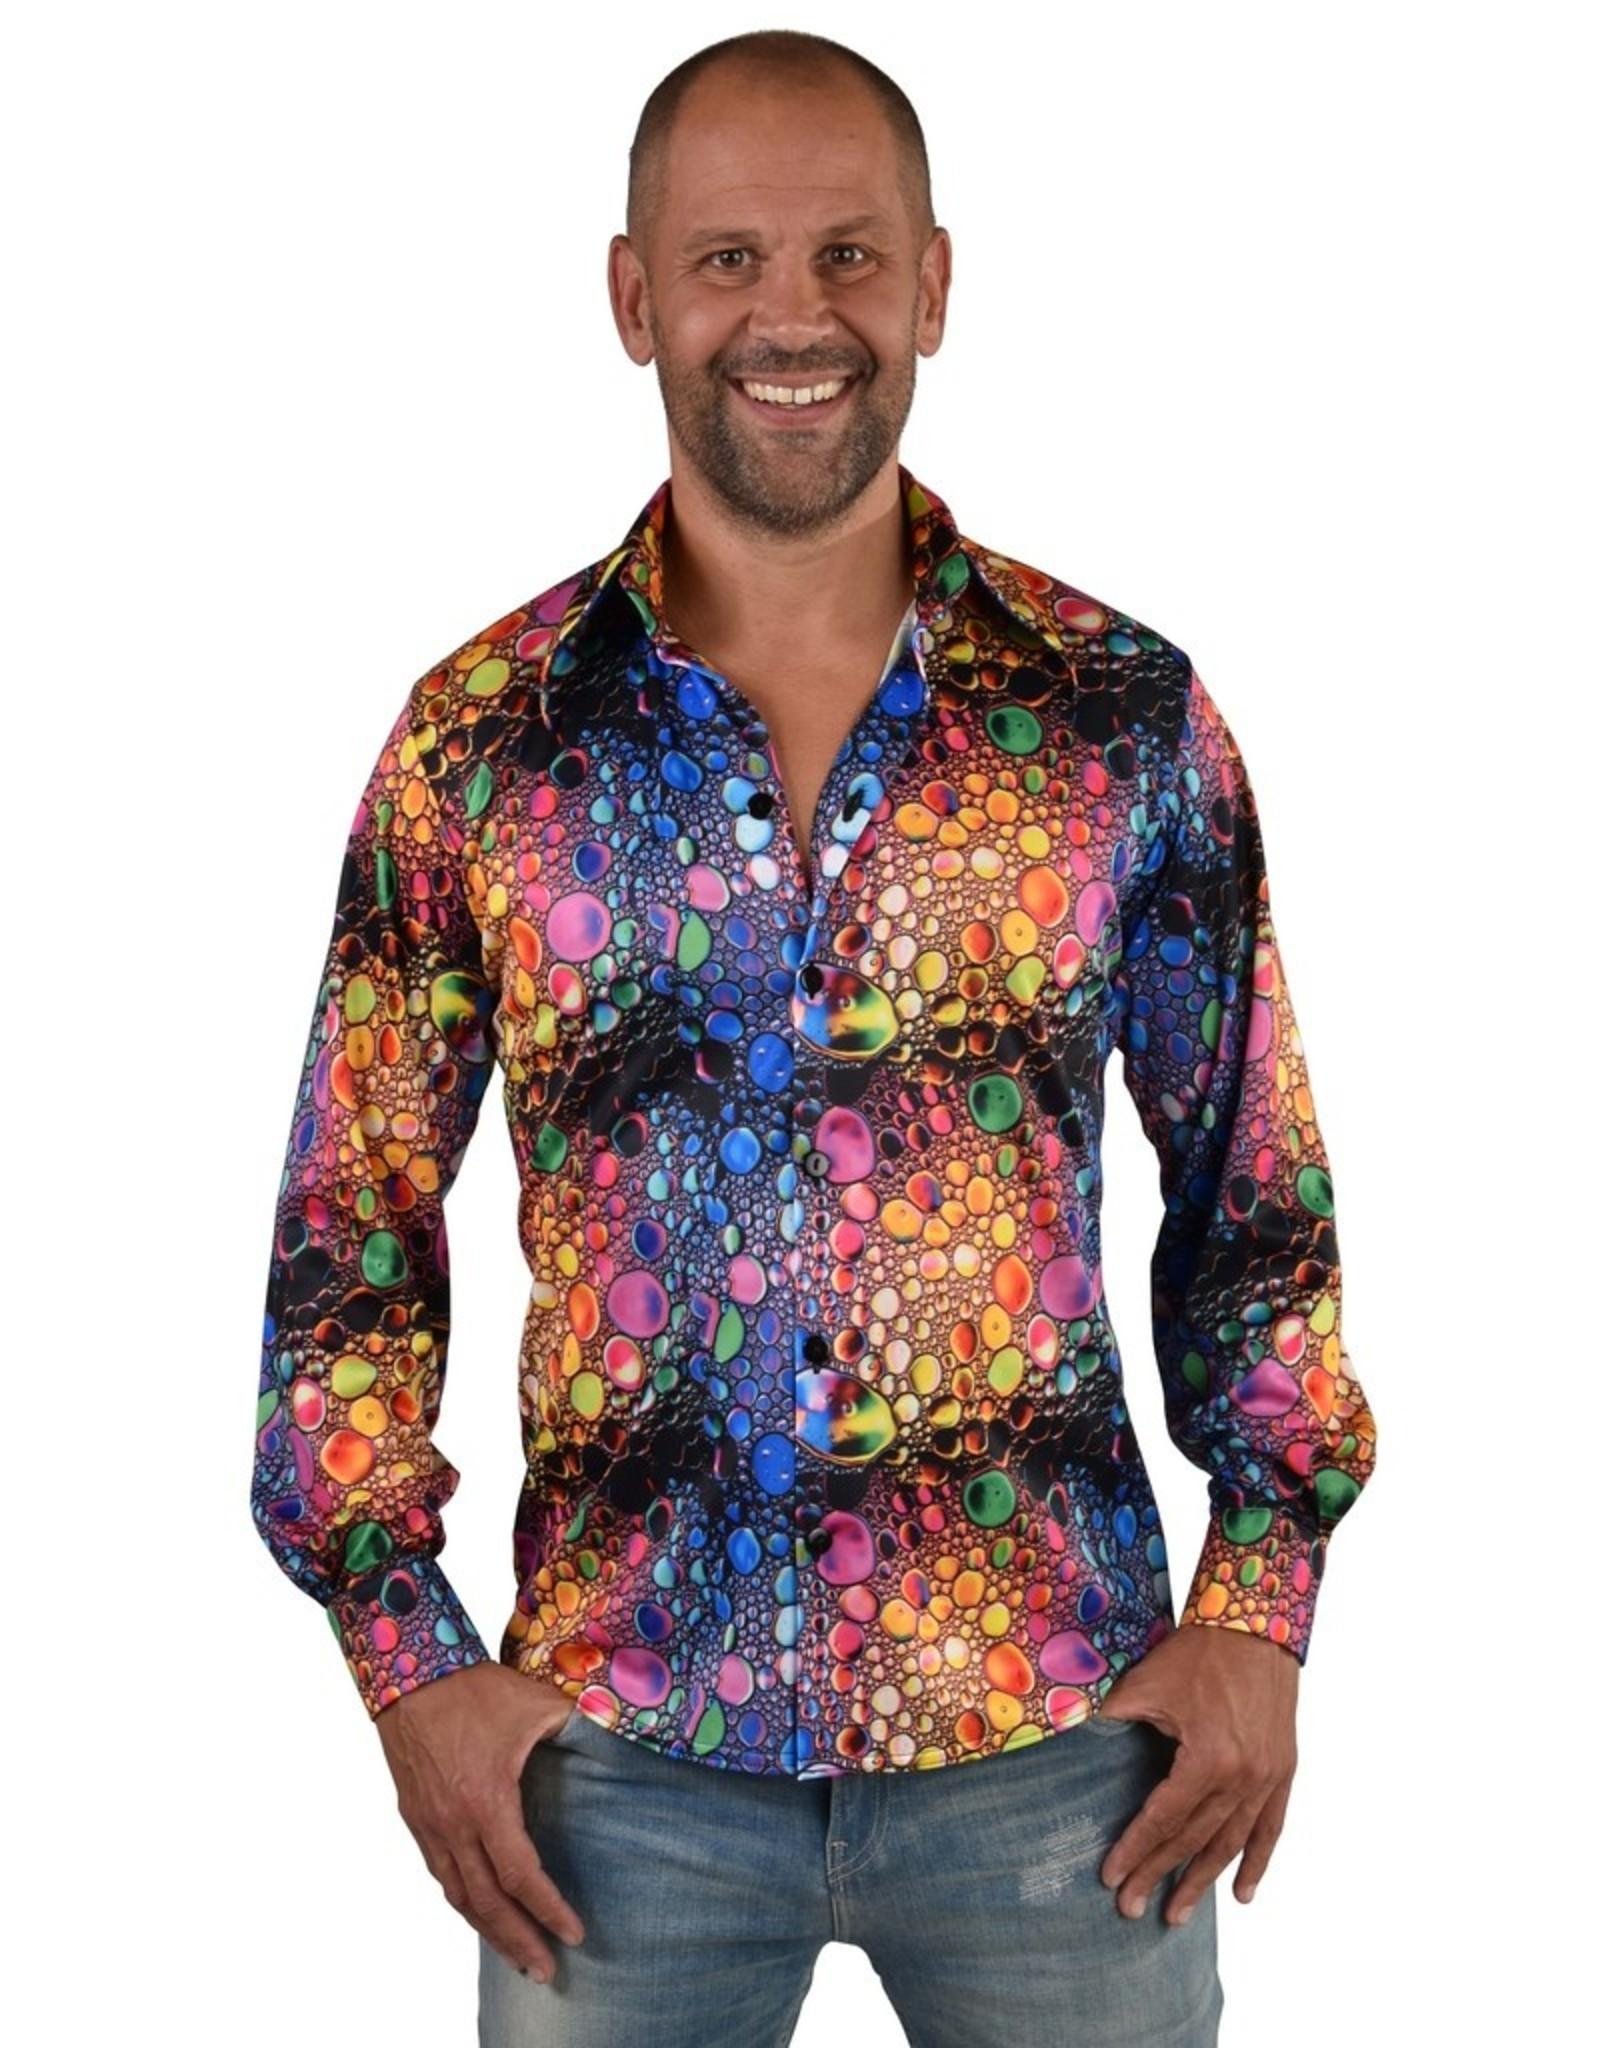 MAGIC Party hemd jersey huurprijs 15